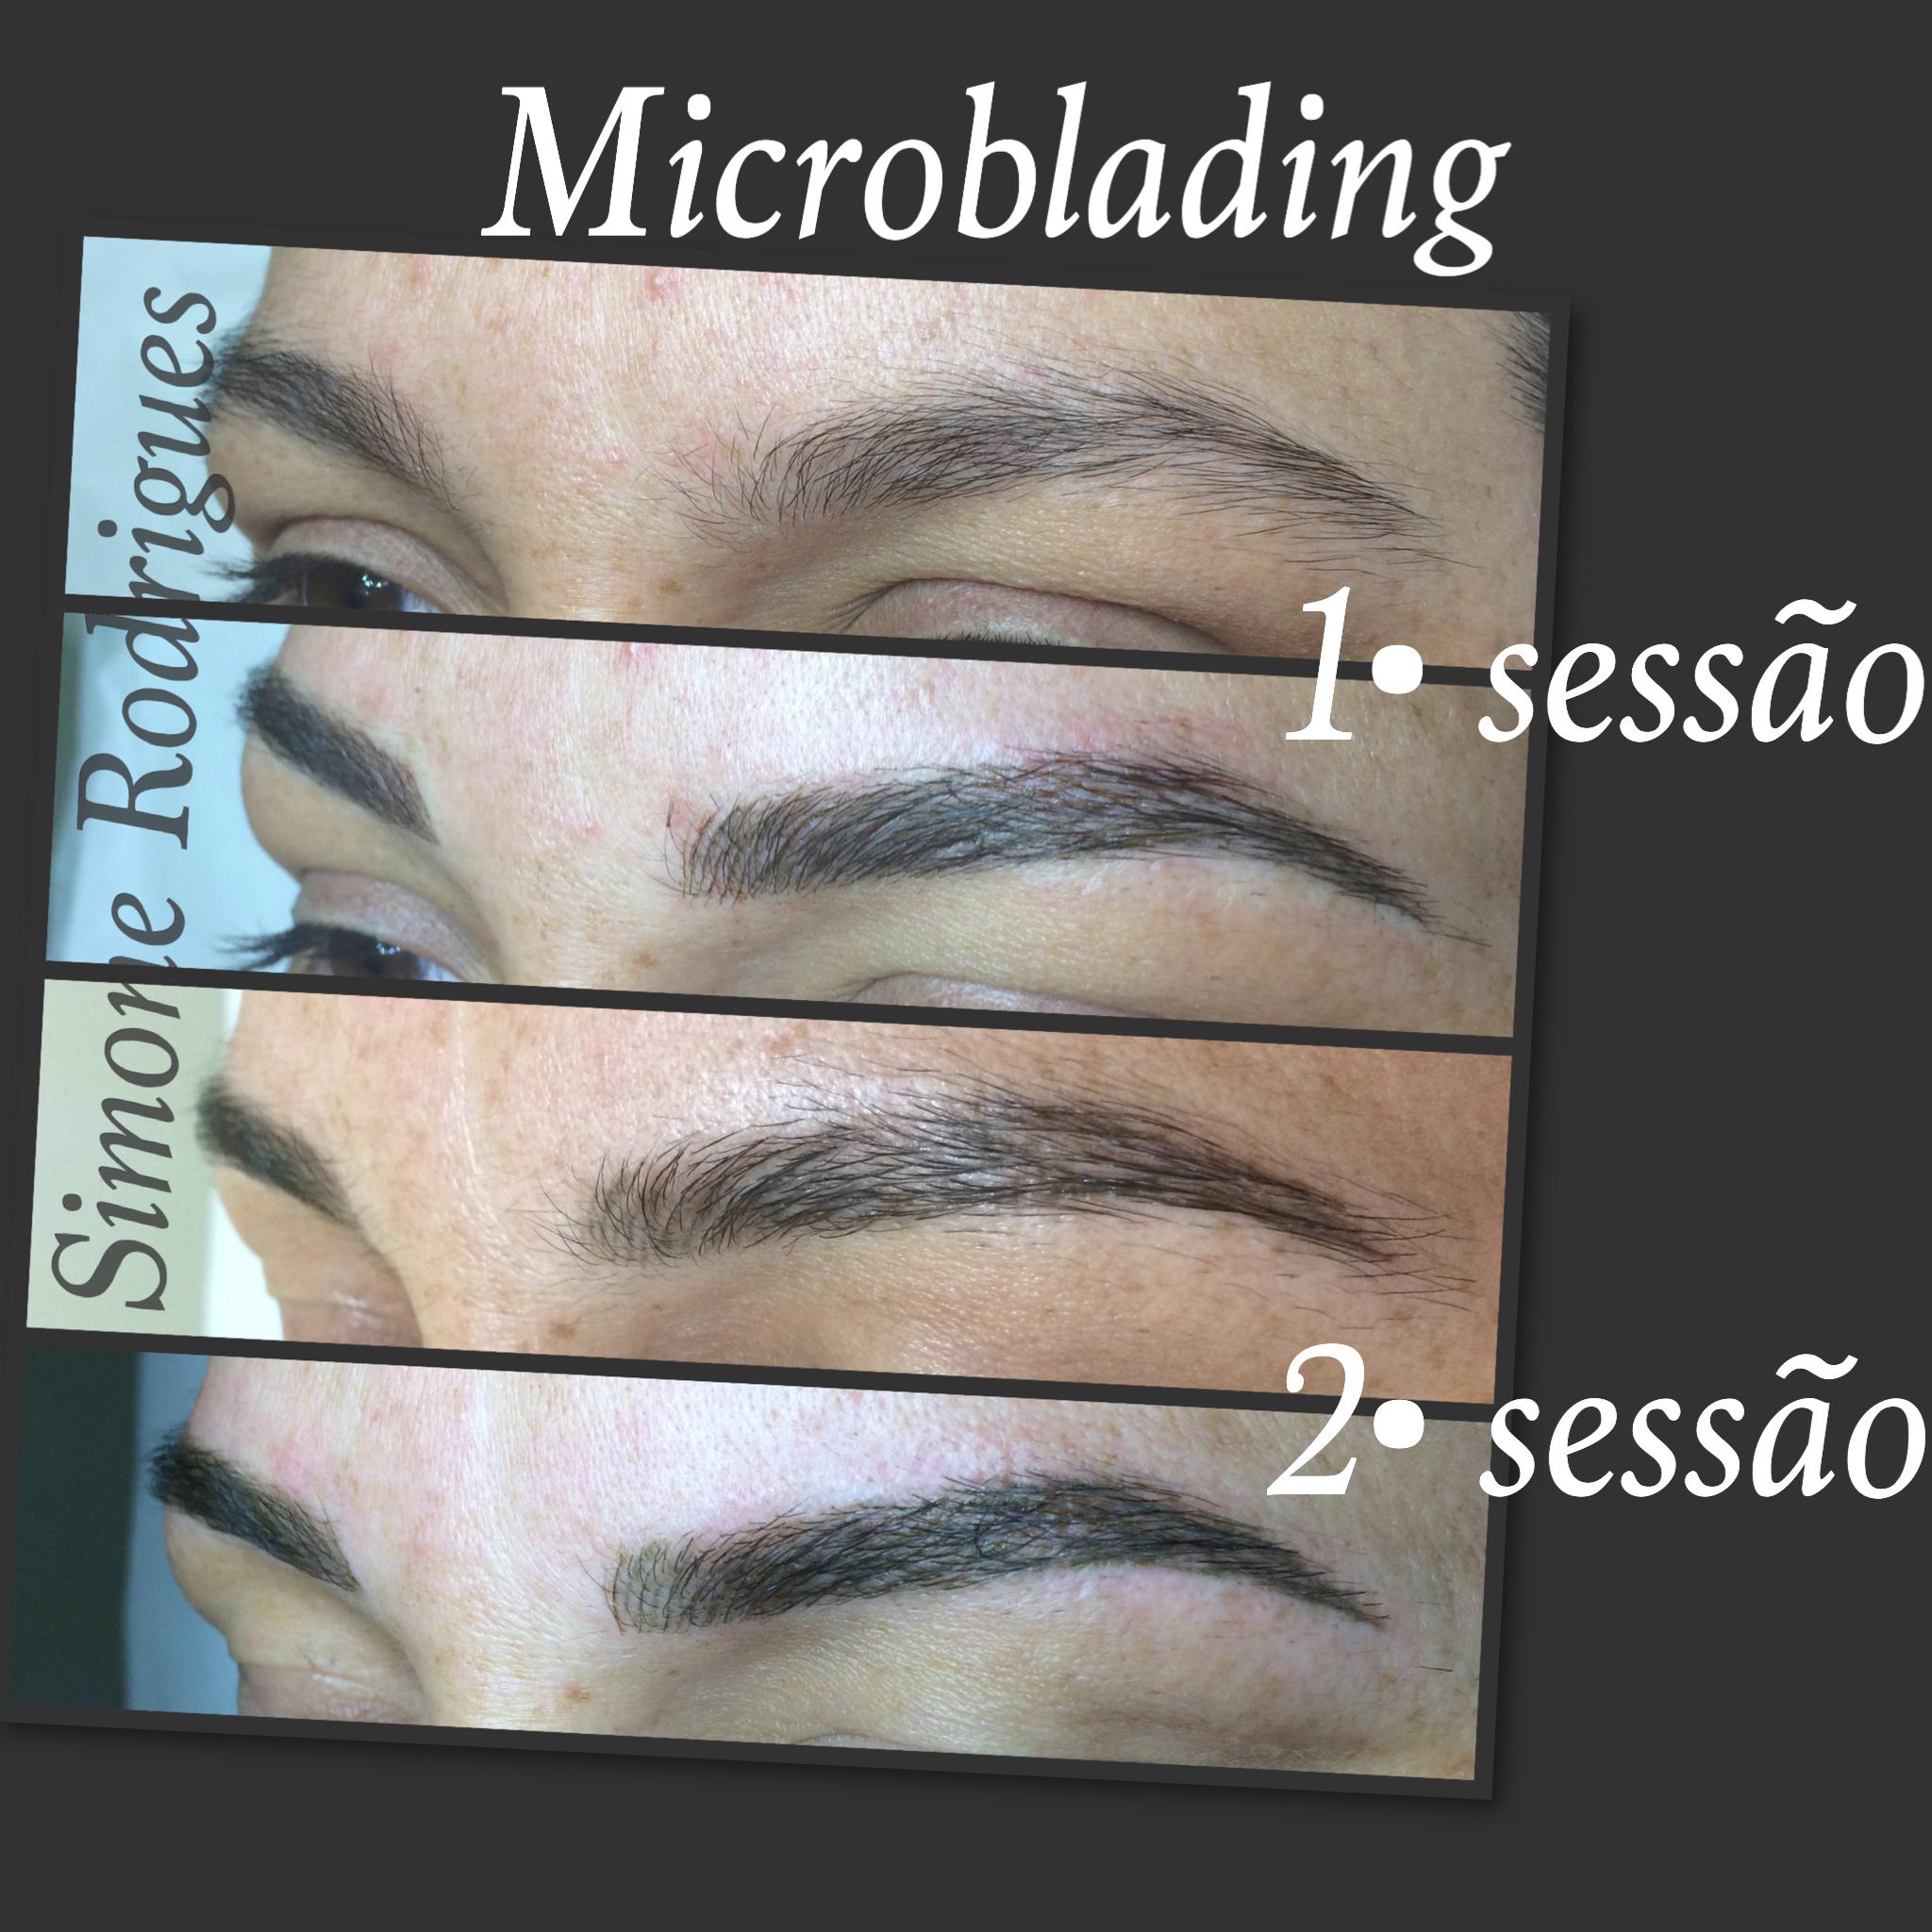 Finalizando Micropigmentaçao, hoje segunda sessão... #micropigmentaçao #microblading #pmu #artista #sobrancelhas #simonerodriguesdepil estética designer de sobrancelhas esteticista depilador(a) micropigmentador(a)